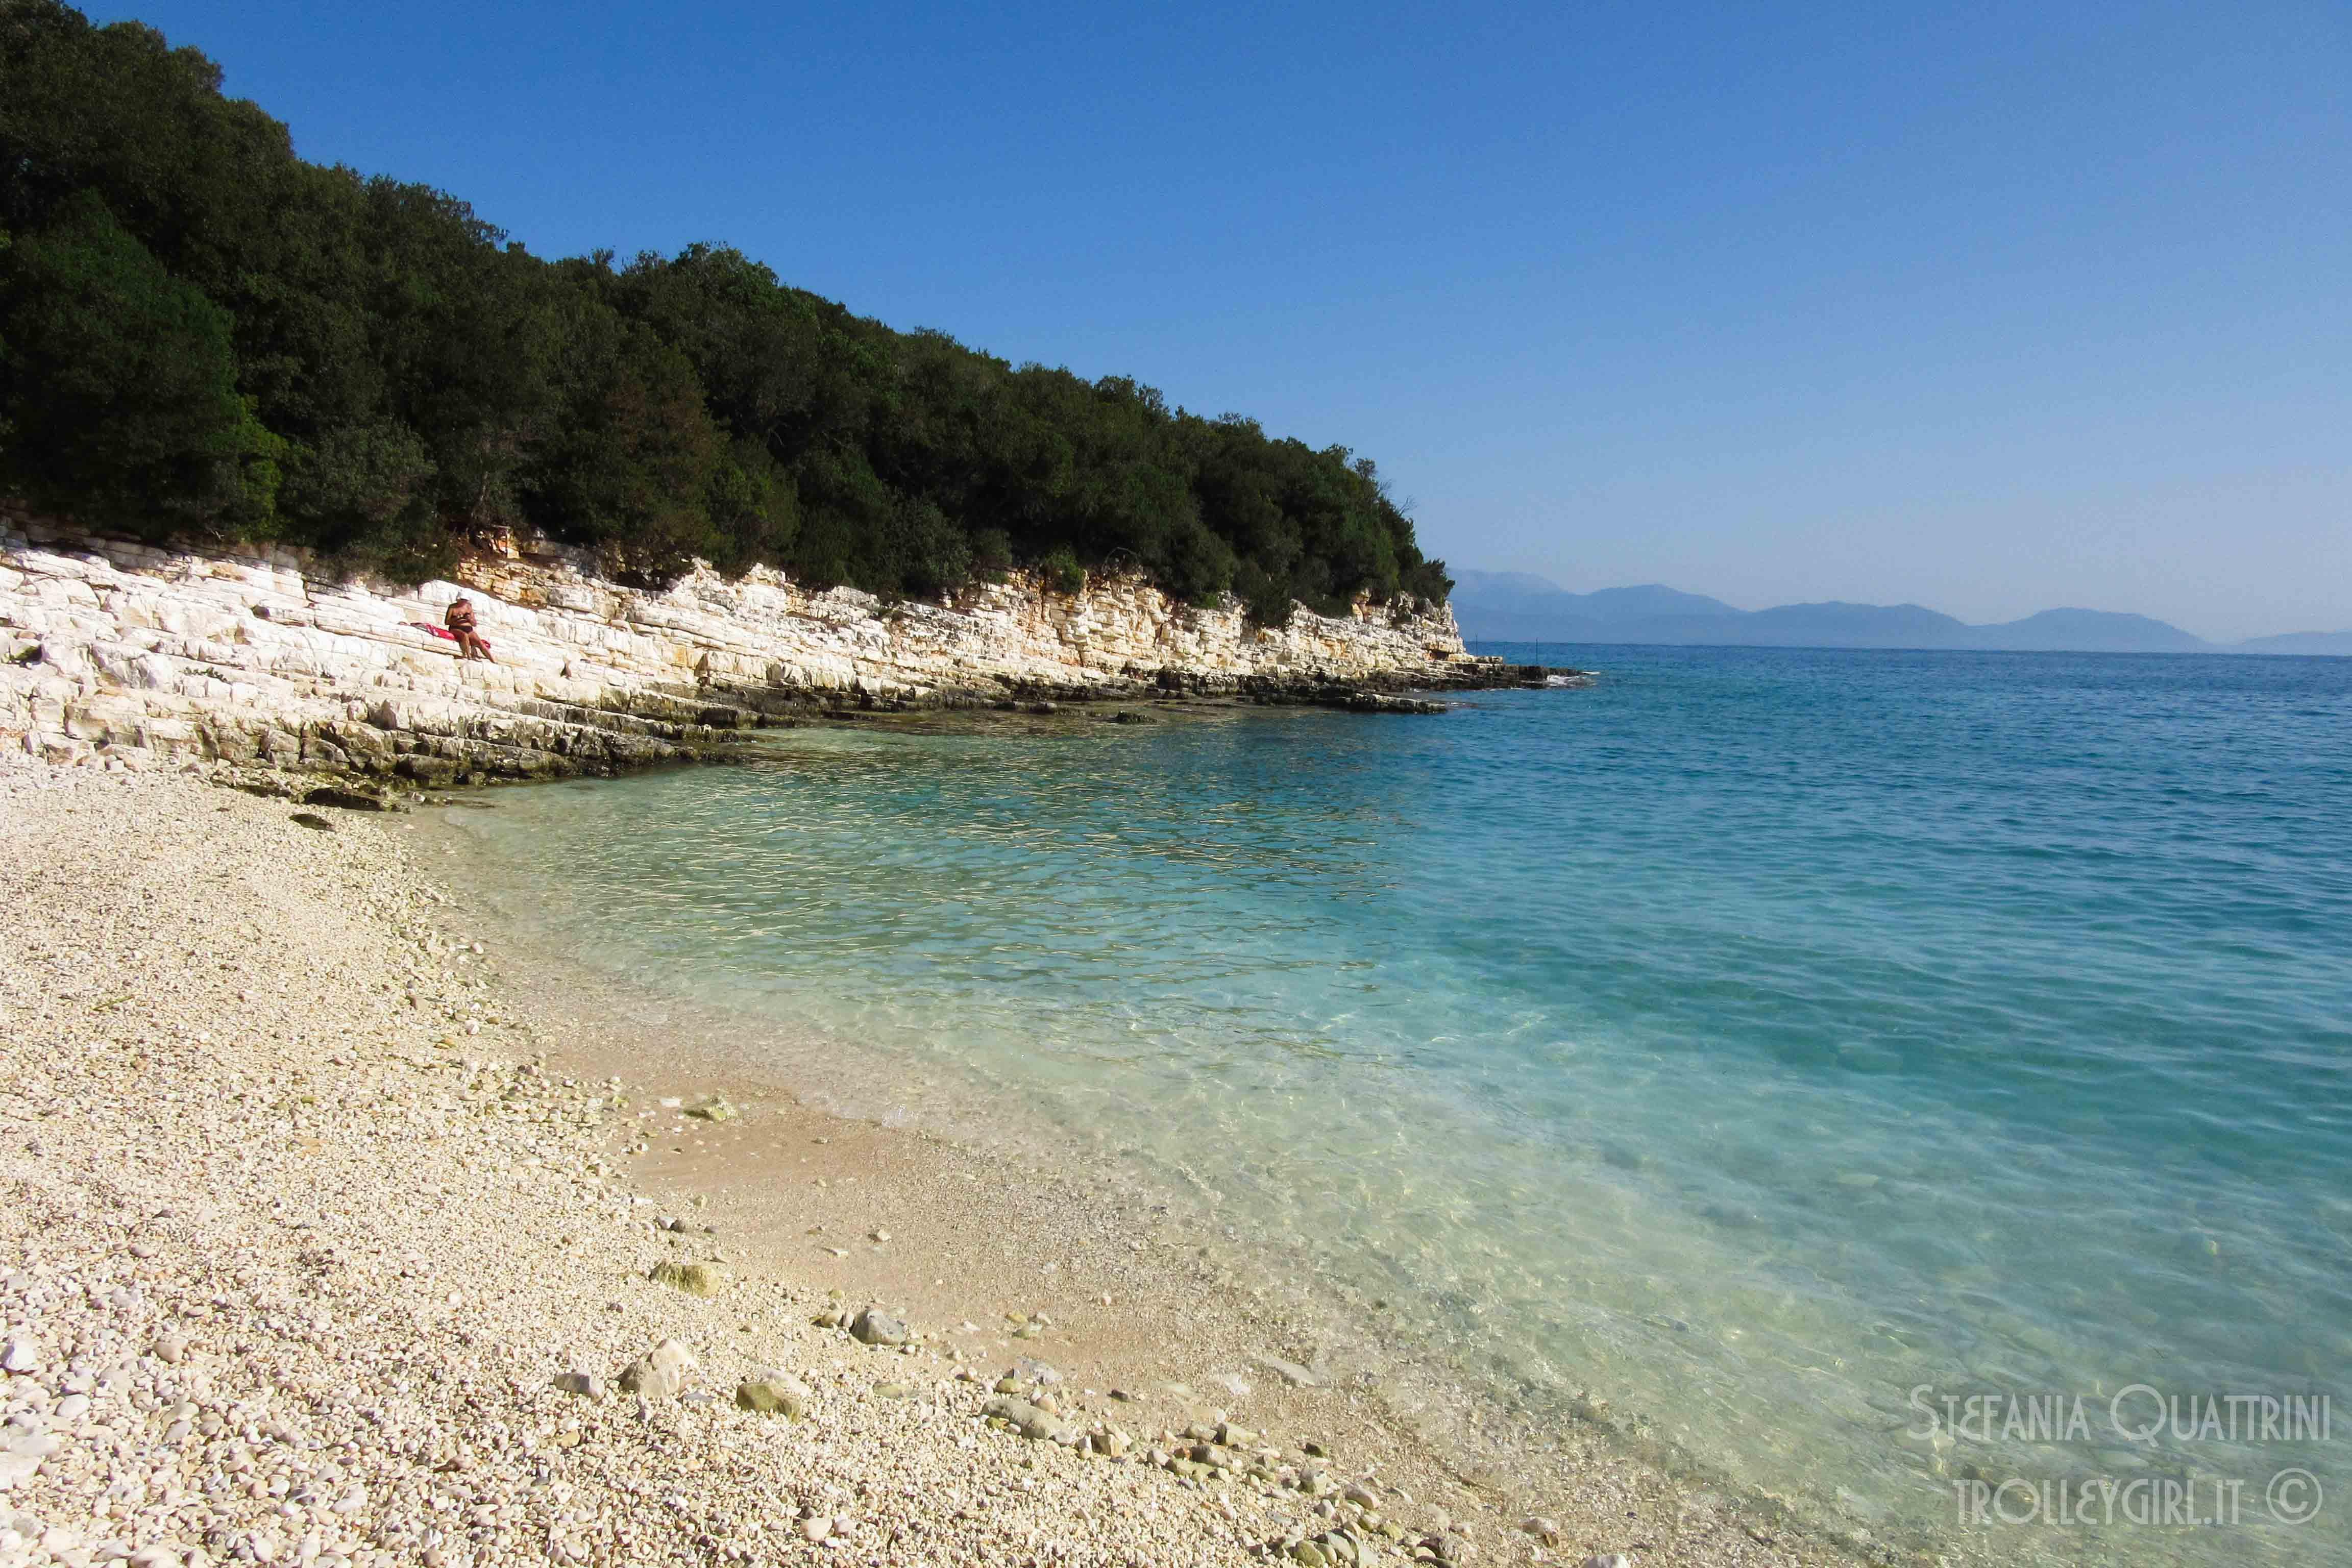 Le spiagge più belle di Cefalonia, Grecia